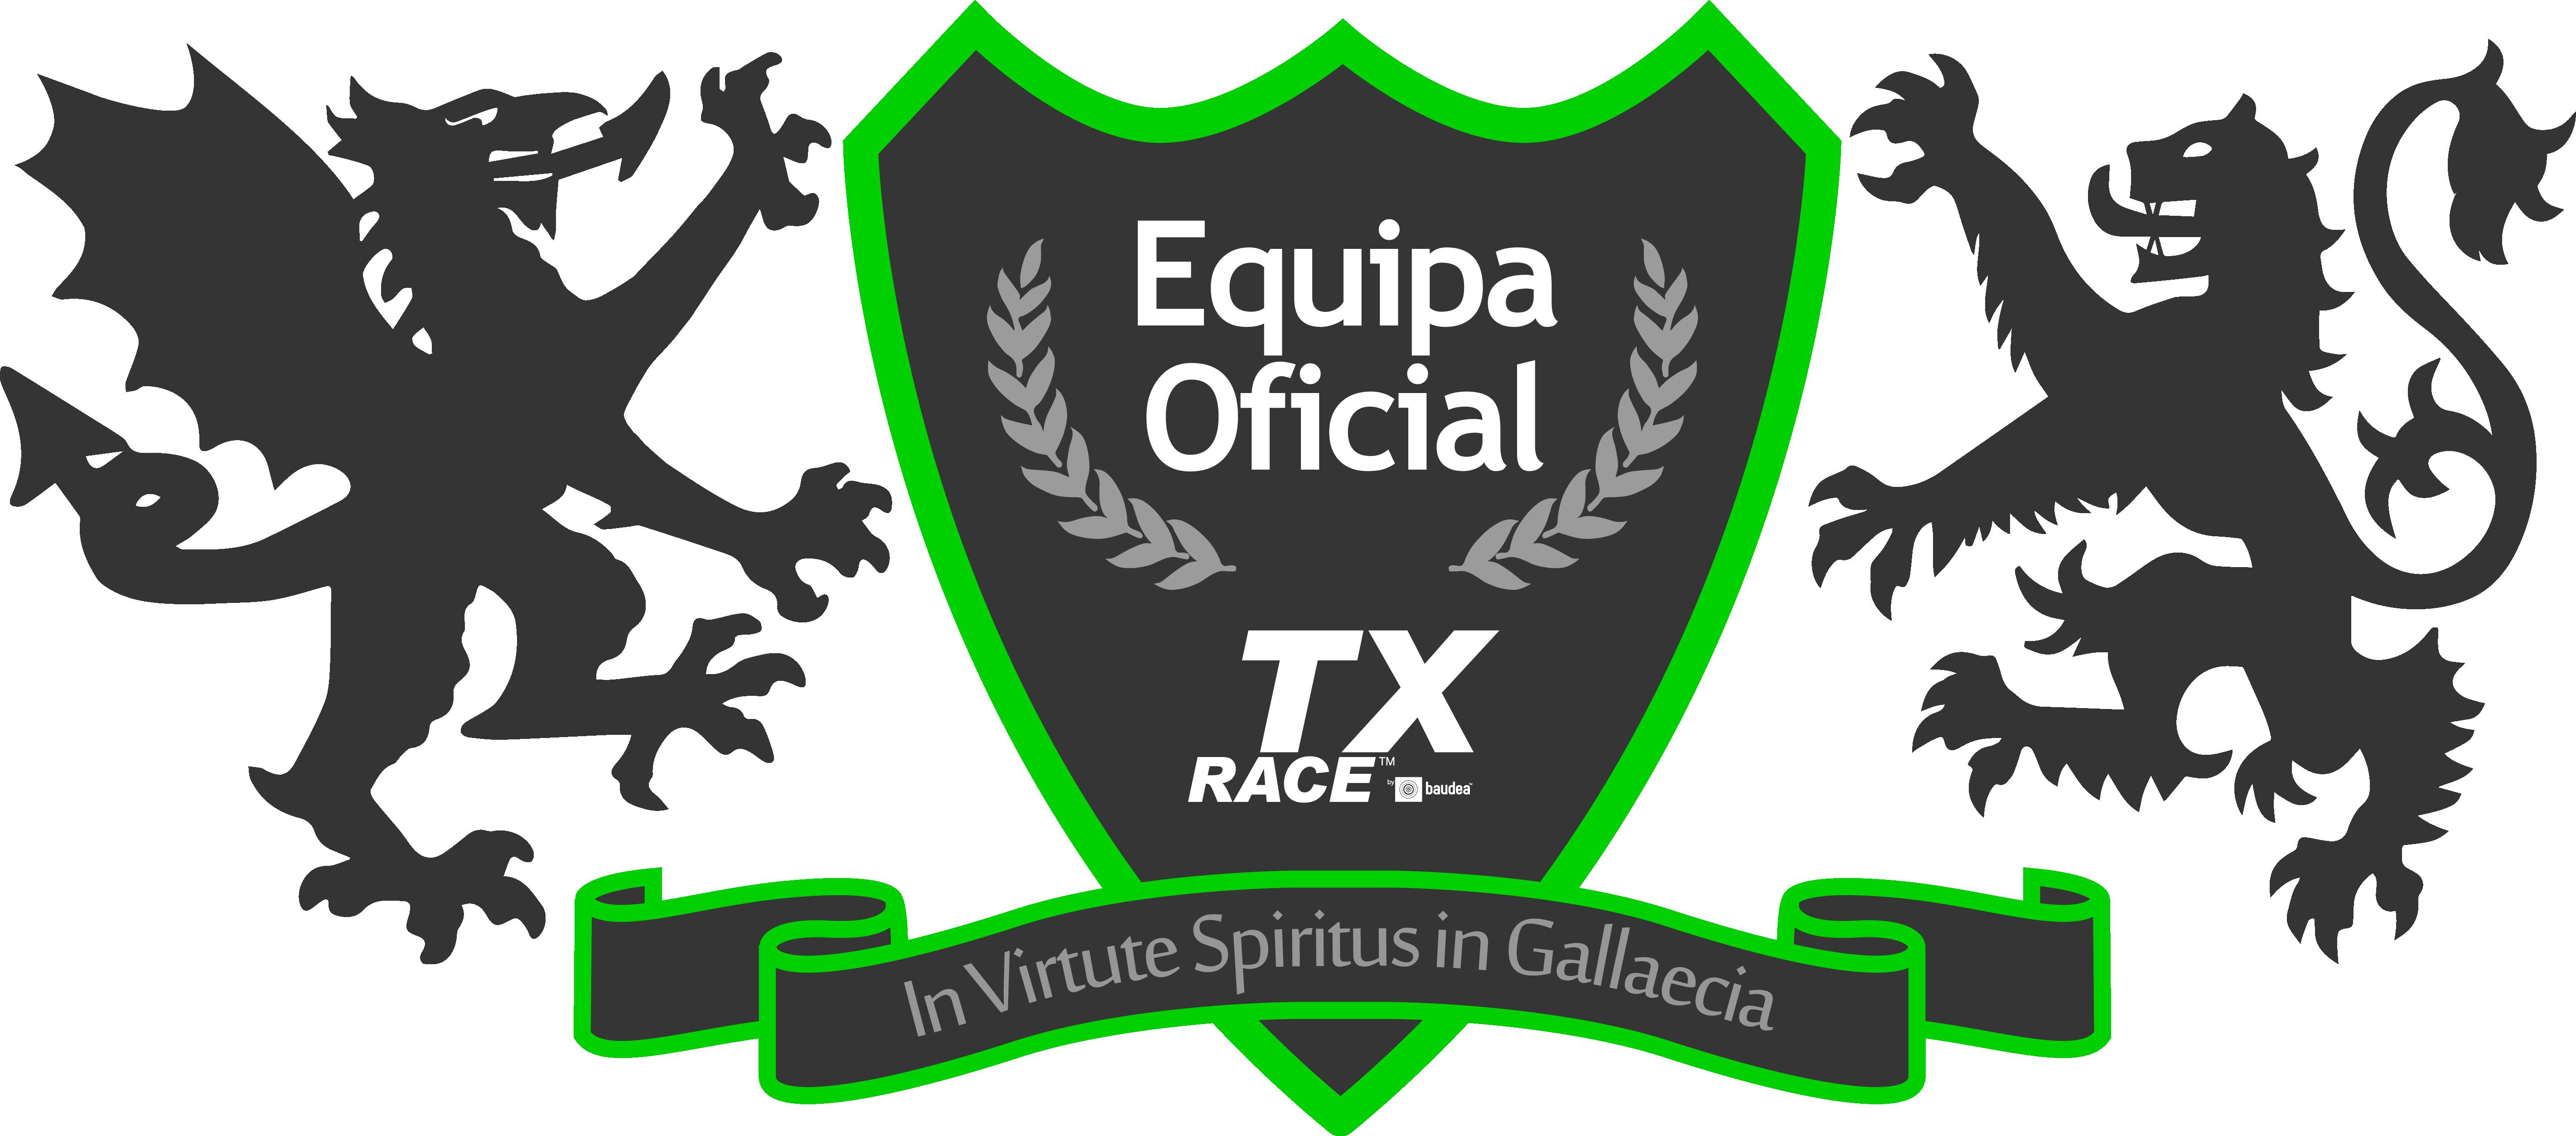 Equipa Oficial TX RACE